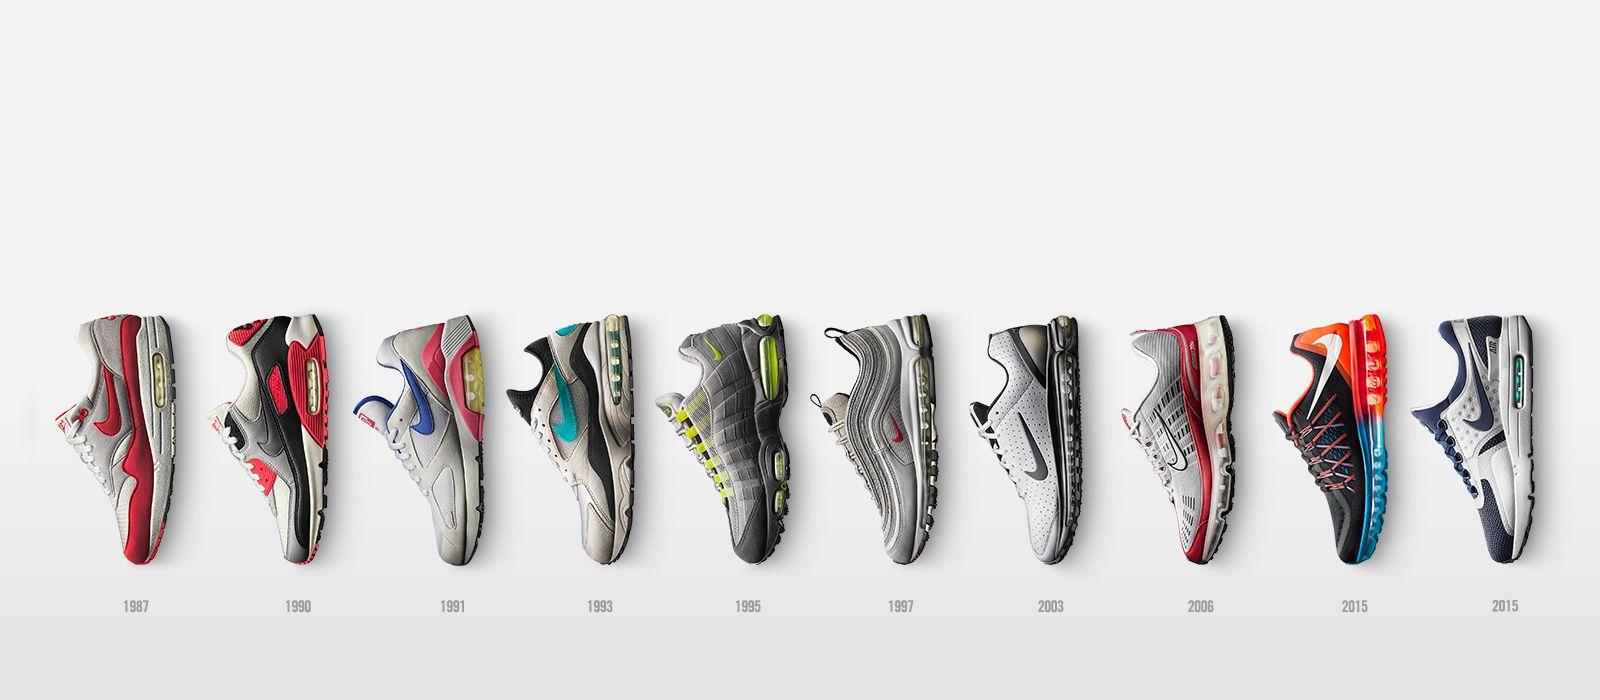 beea7fb4 Чтобы подчеркнуть уникальность линейки, с 2014 года Nike начал праздновать Air  Max Day. С тех пор праздник отмечается каждый год 26 марта.